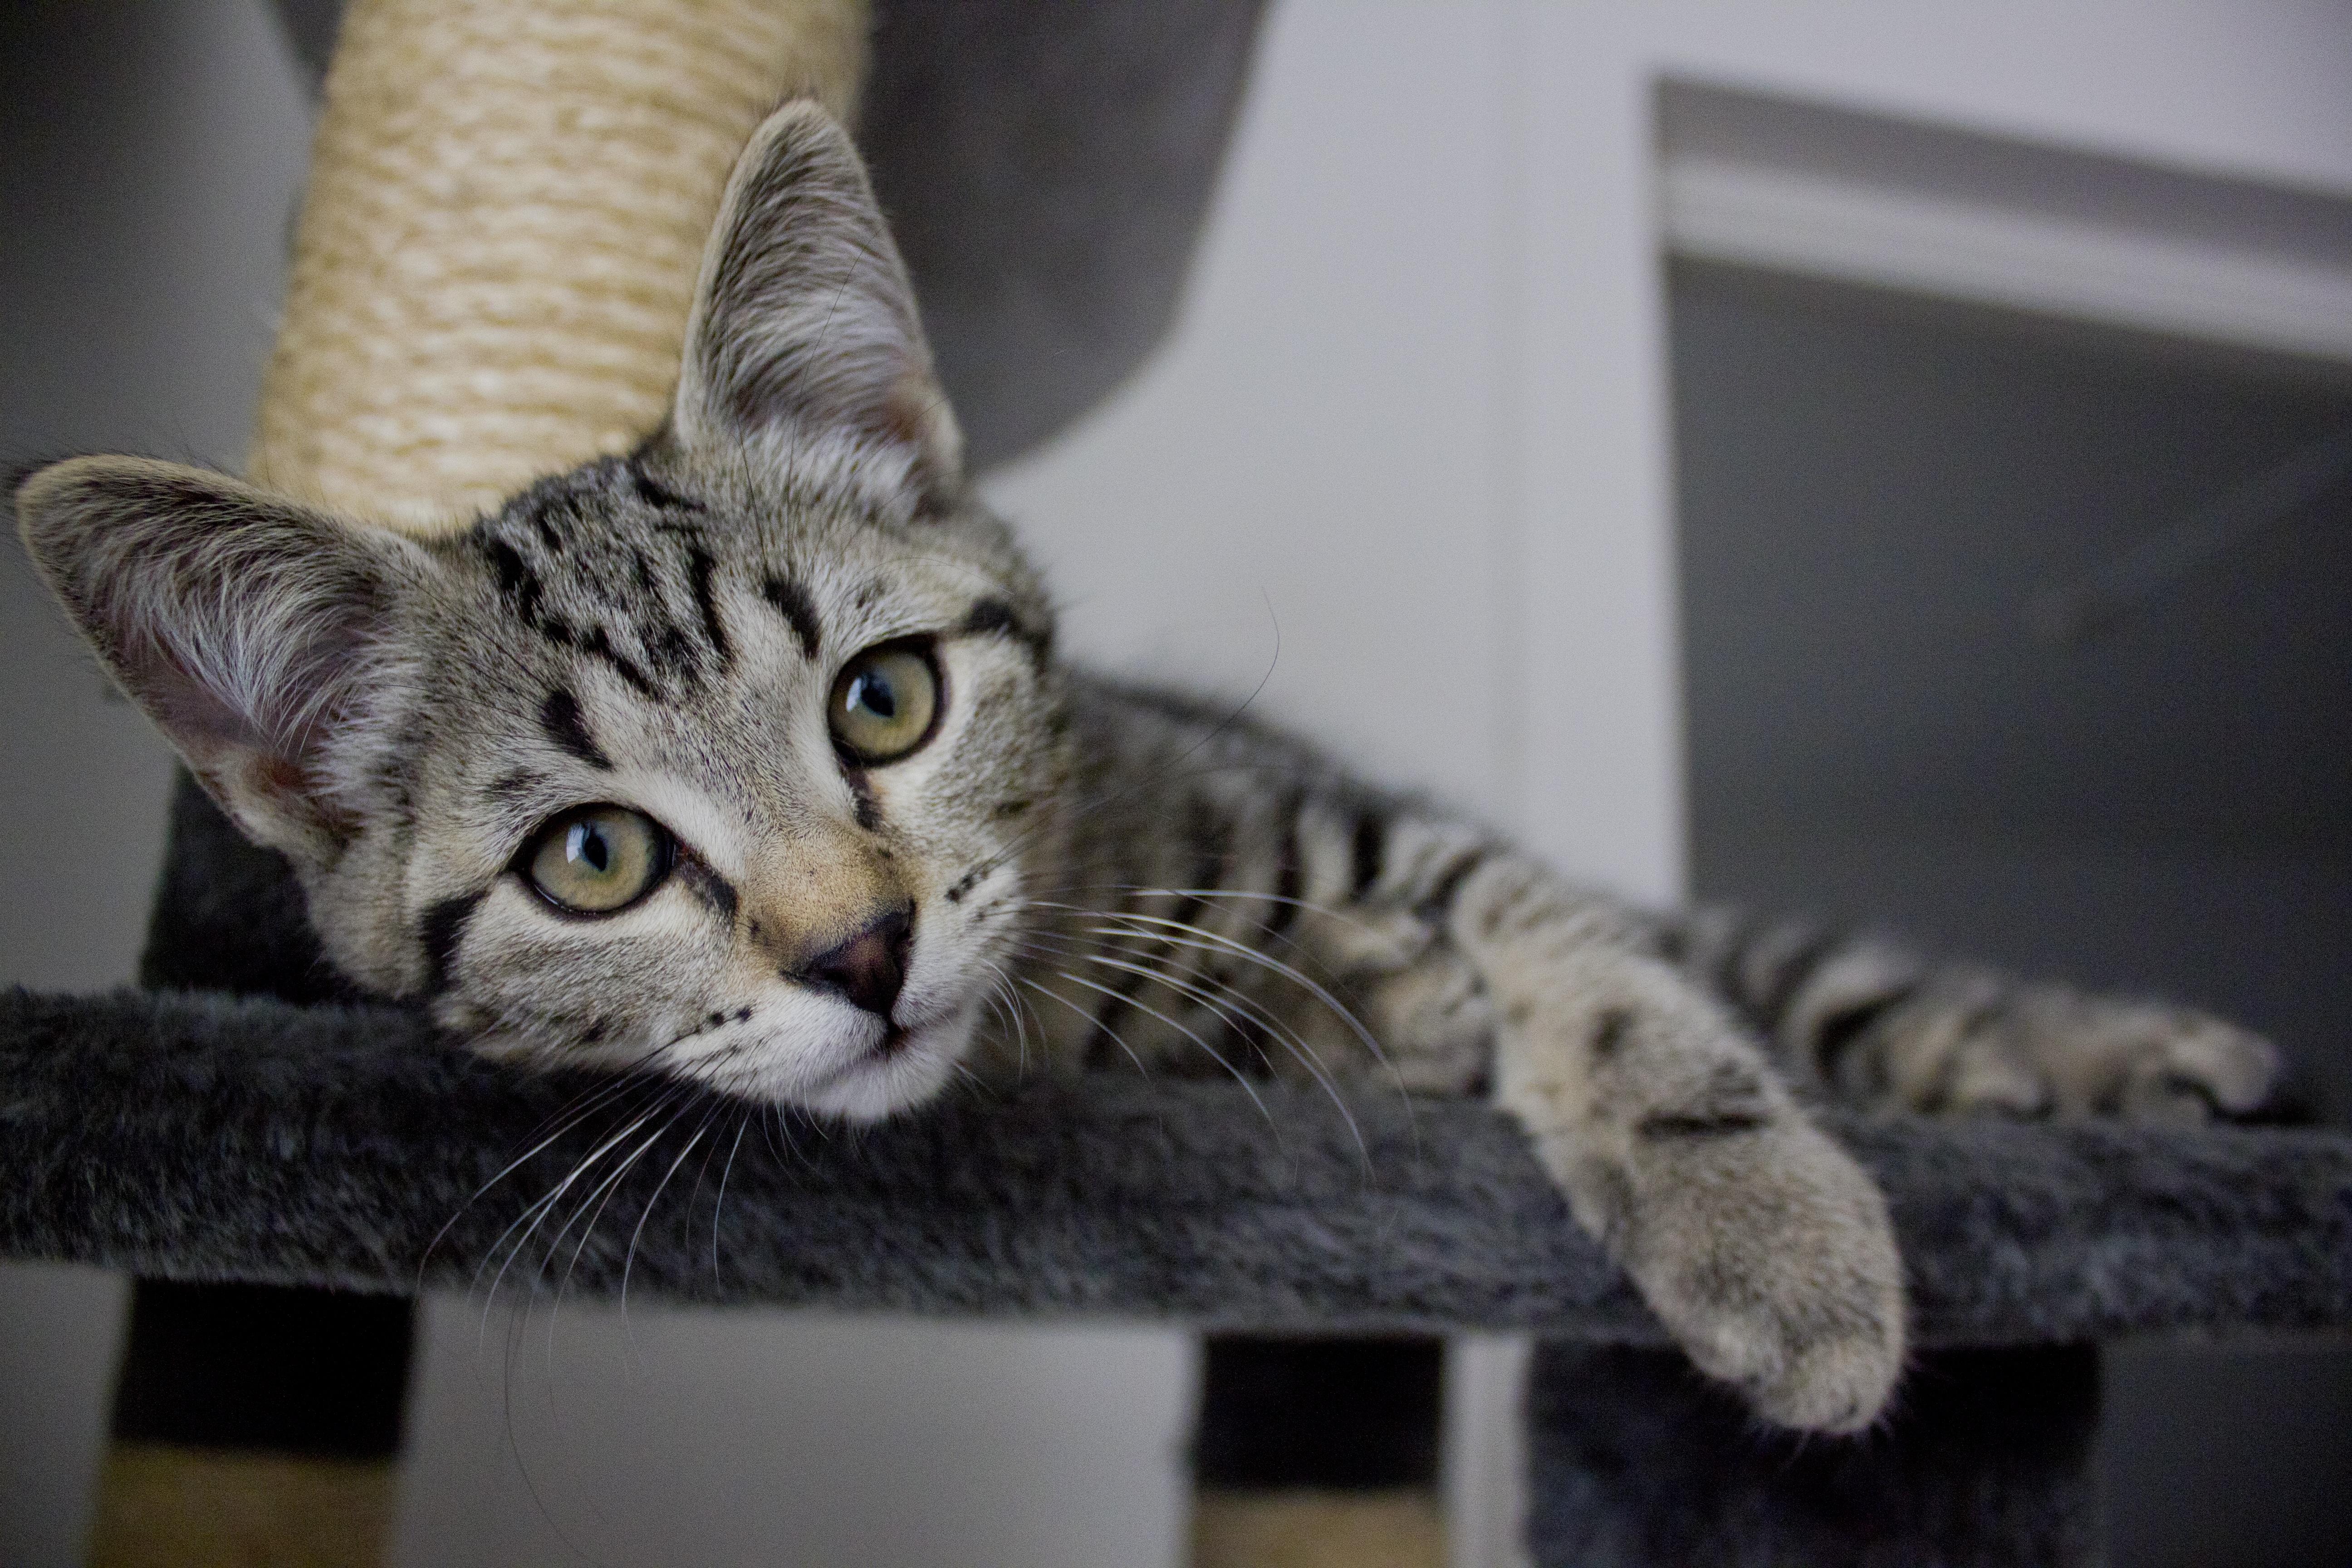 Free kitten pets whiskers savannah animals